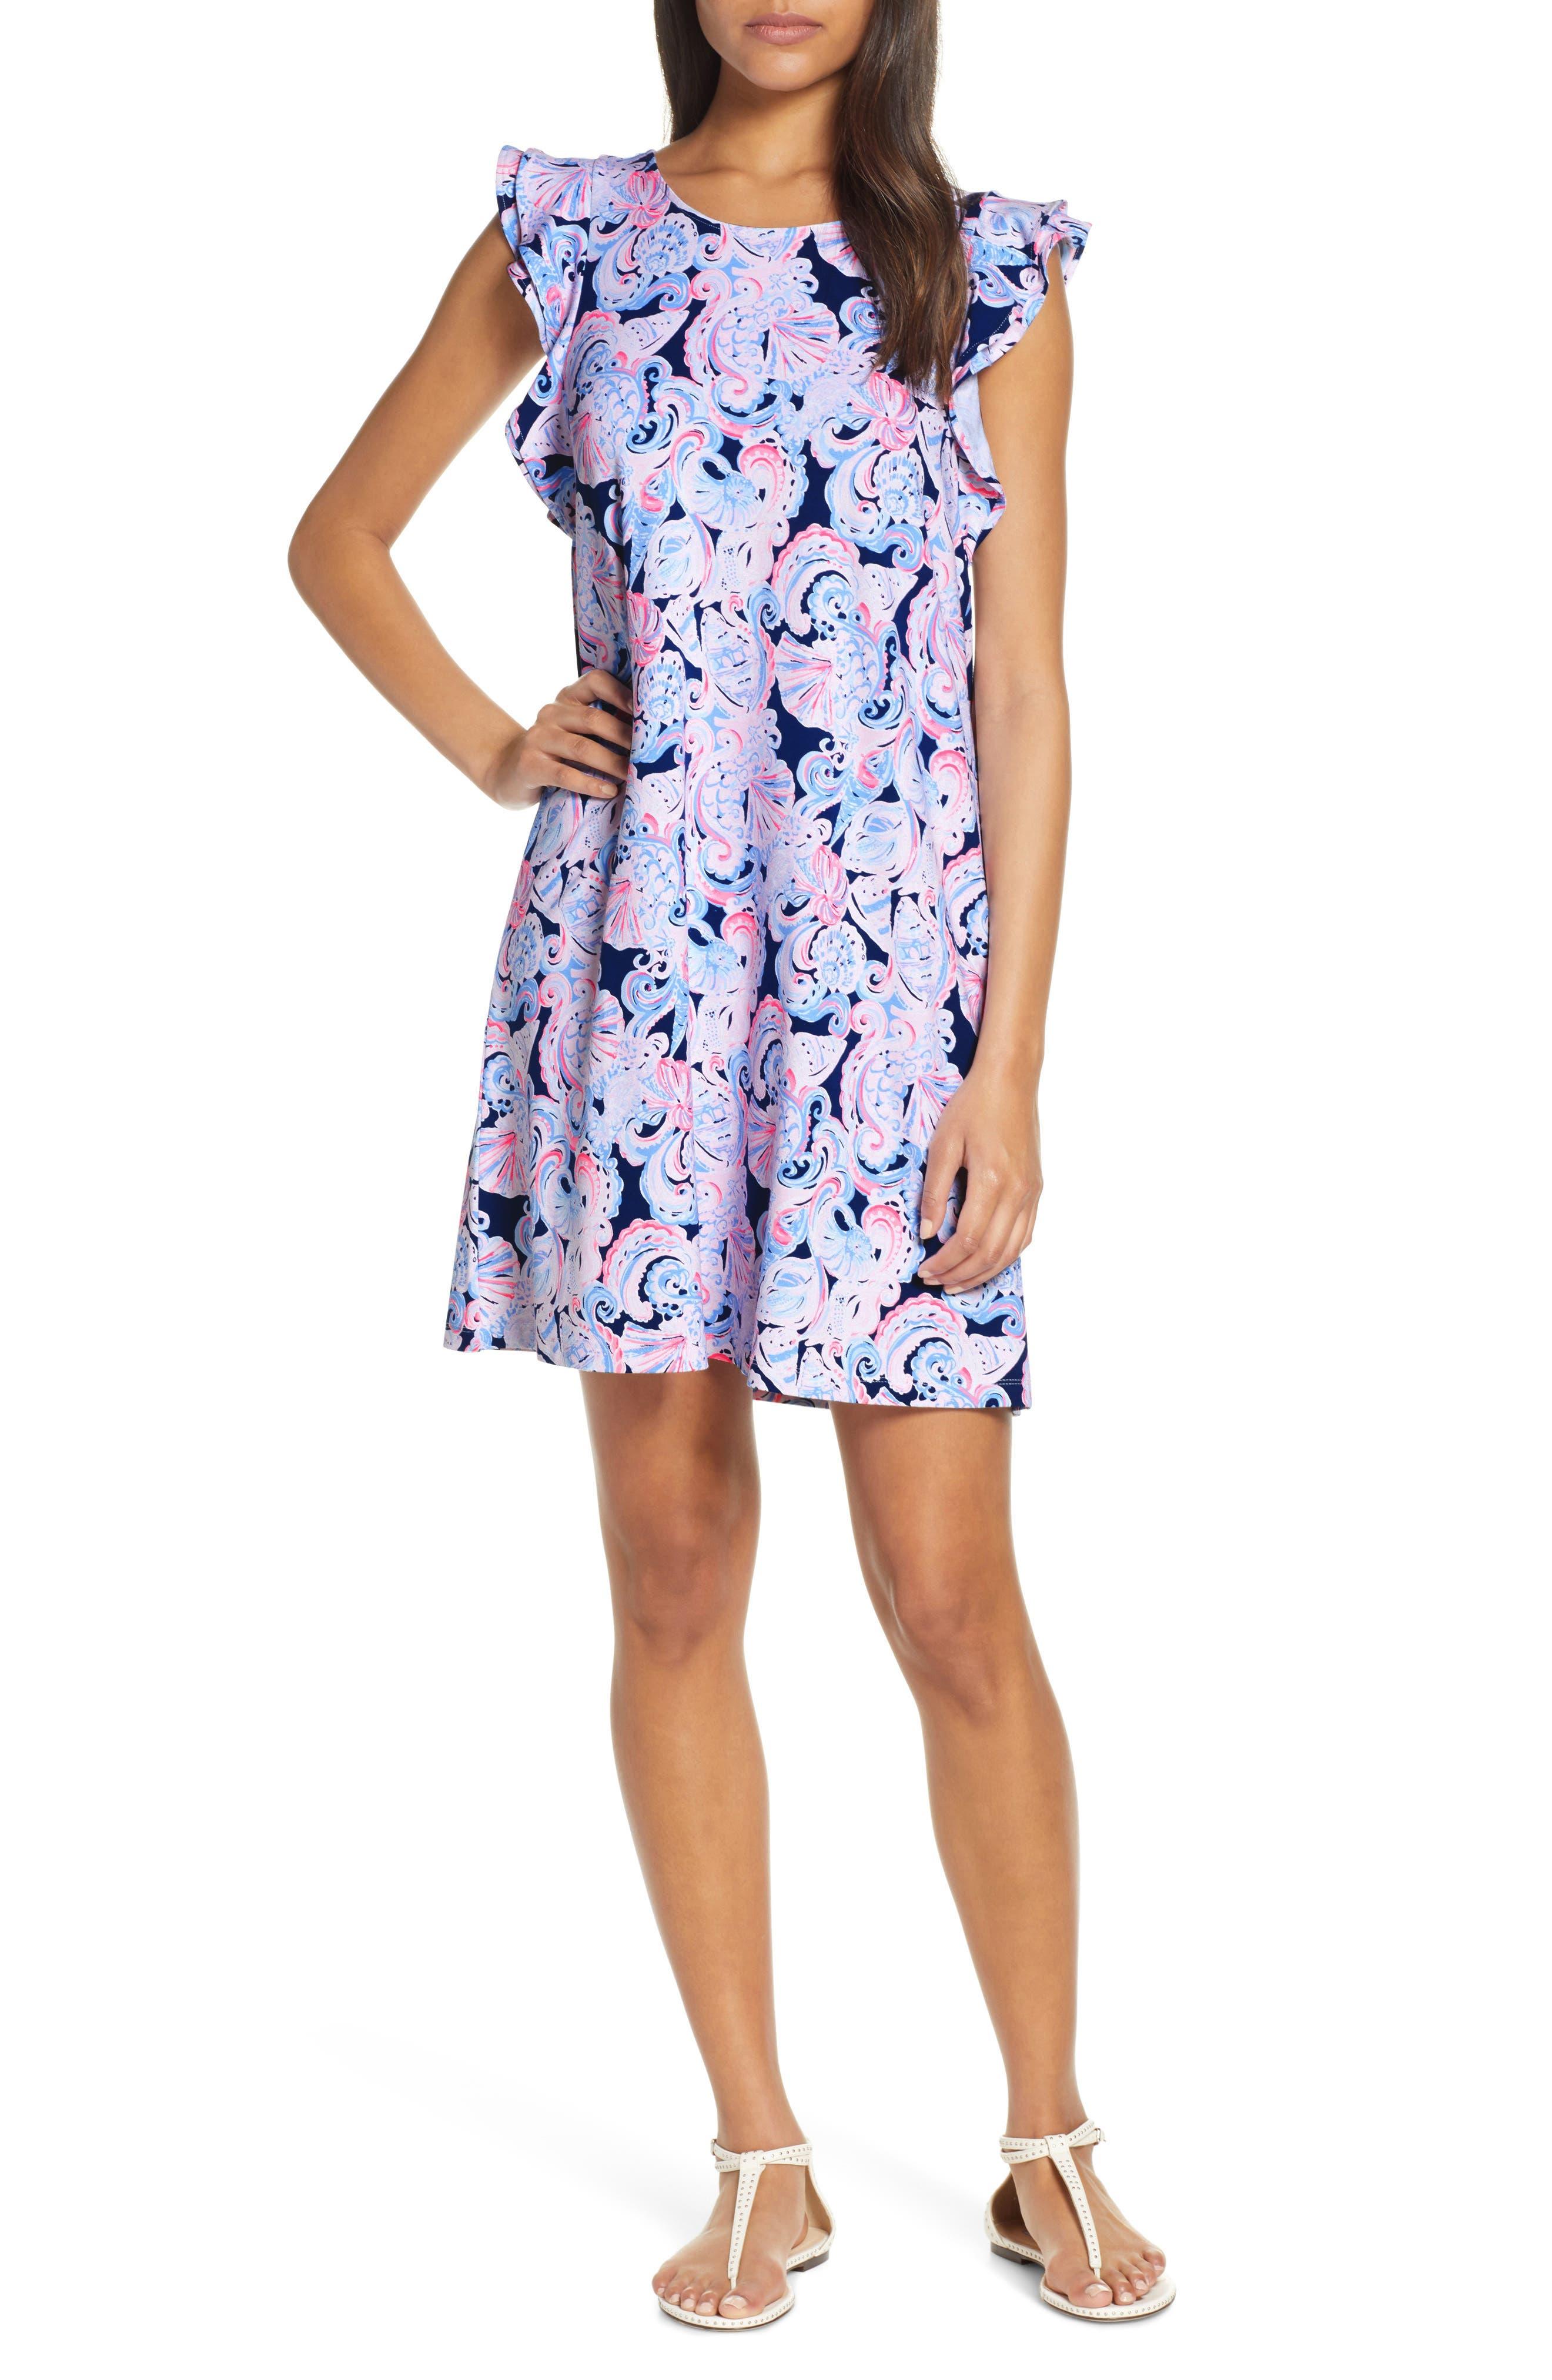 c35c4e0d88d718 Lilly Pulitzer Dani Print Shift Dresses, Blue